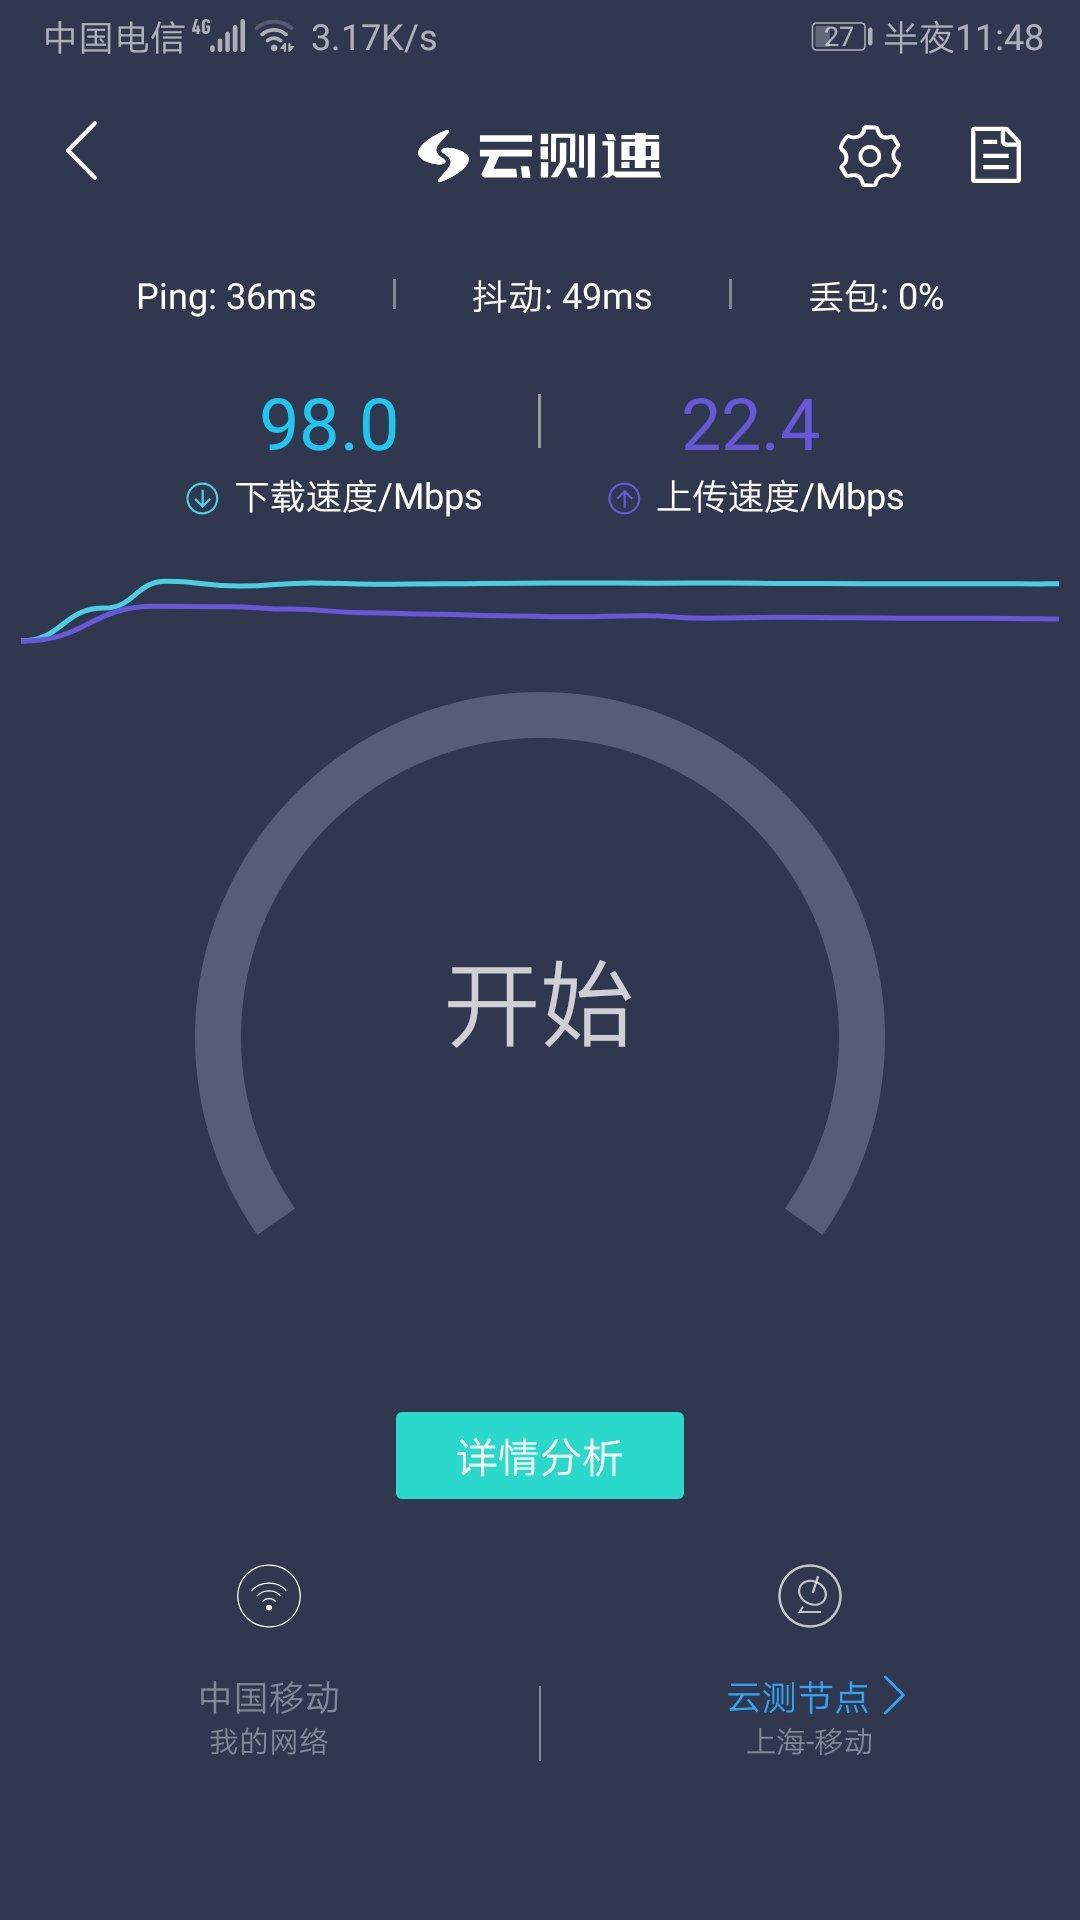 网速提升了很多